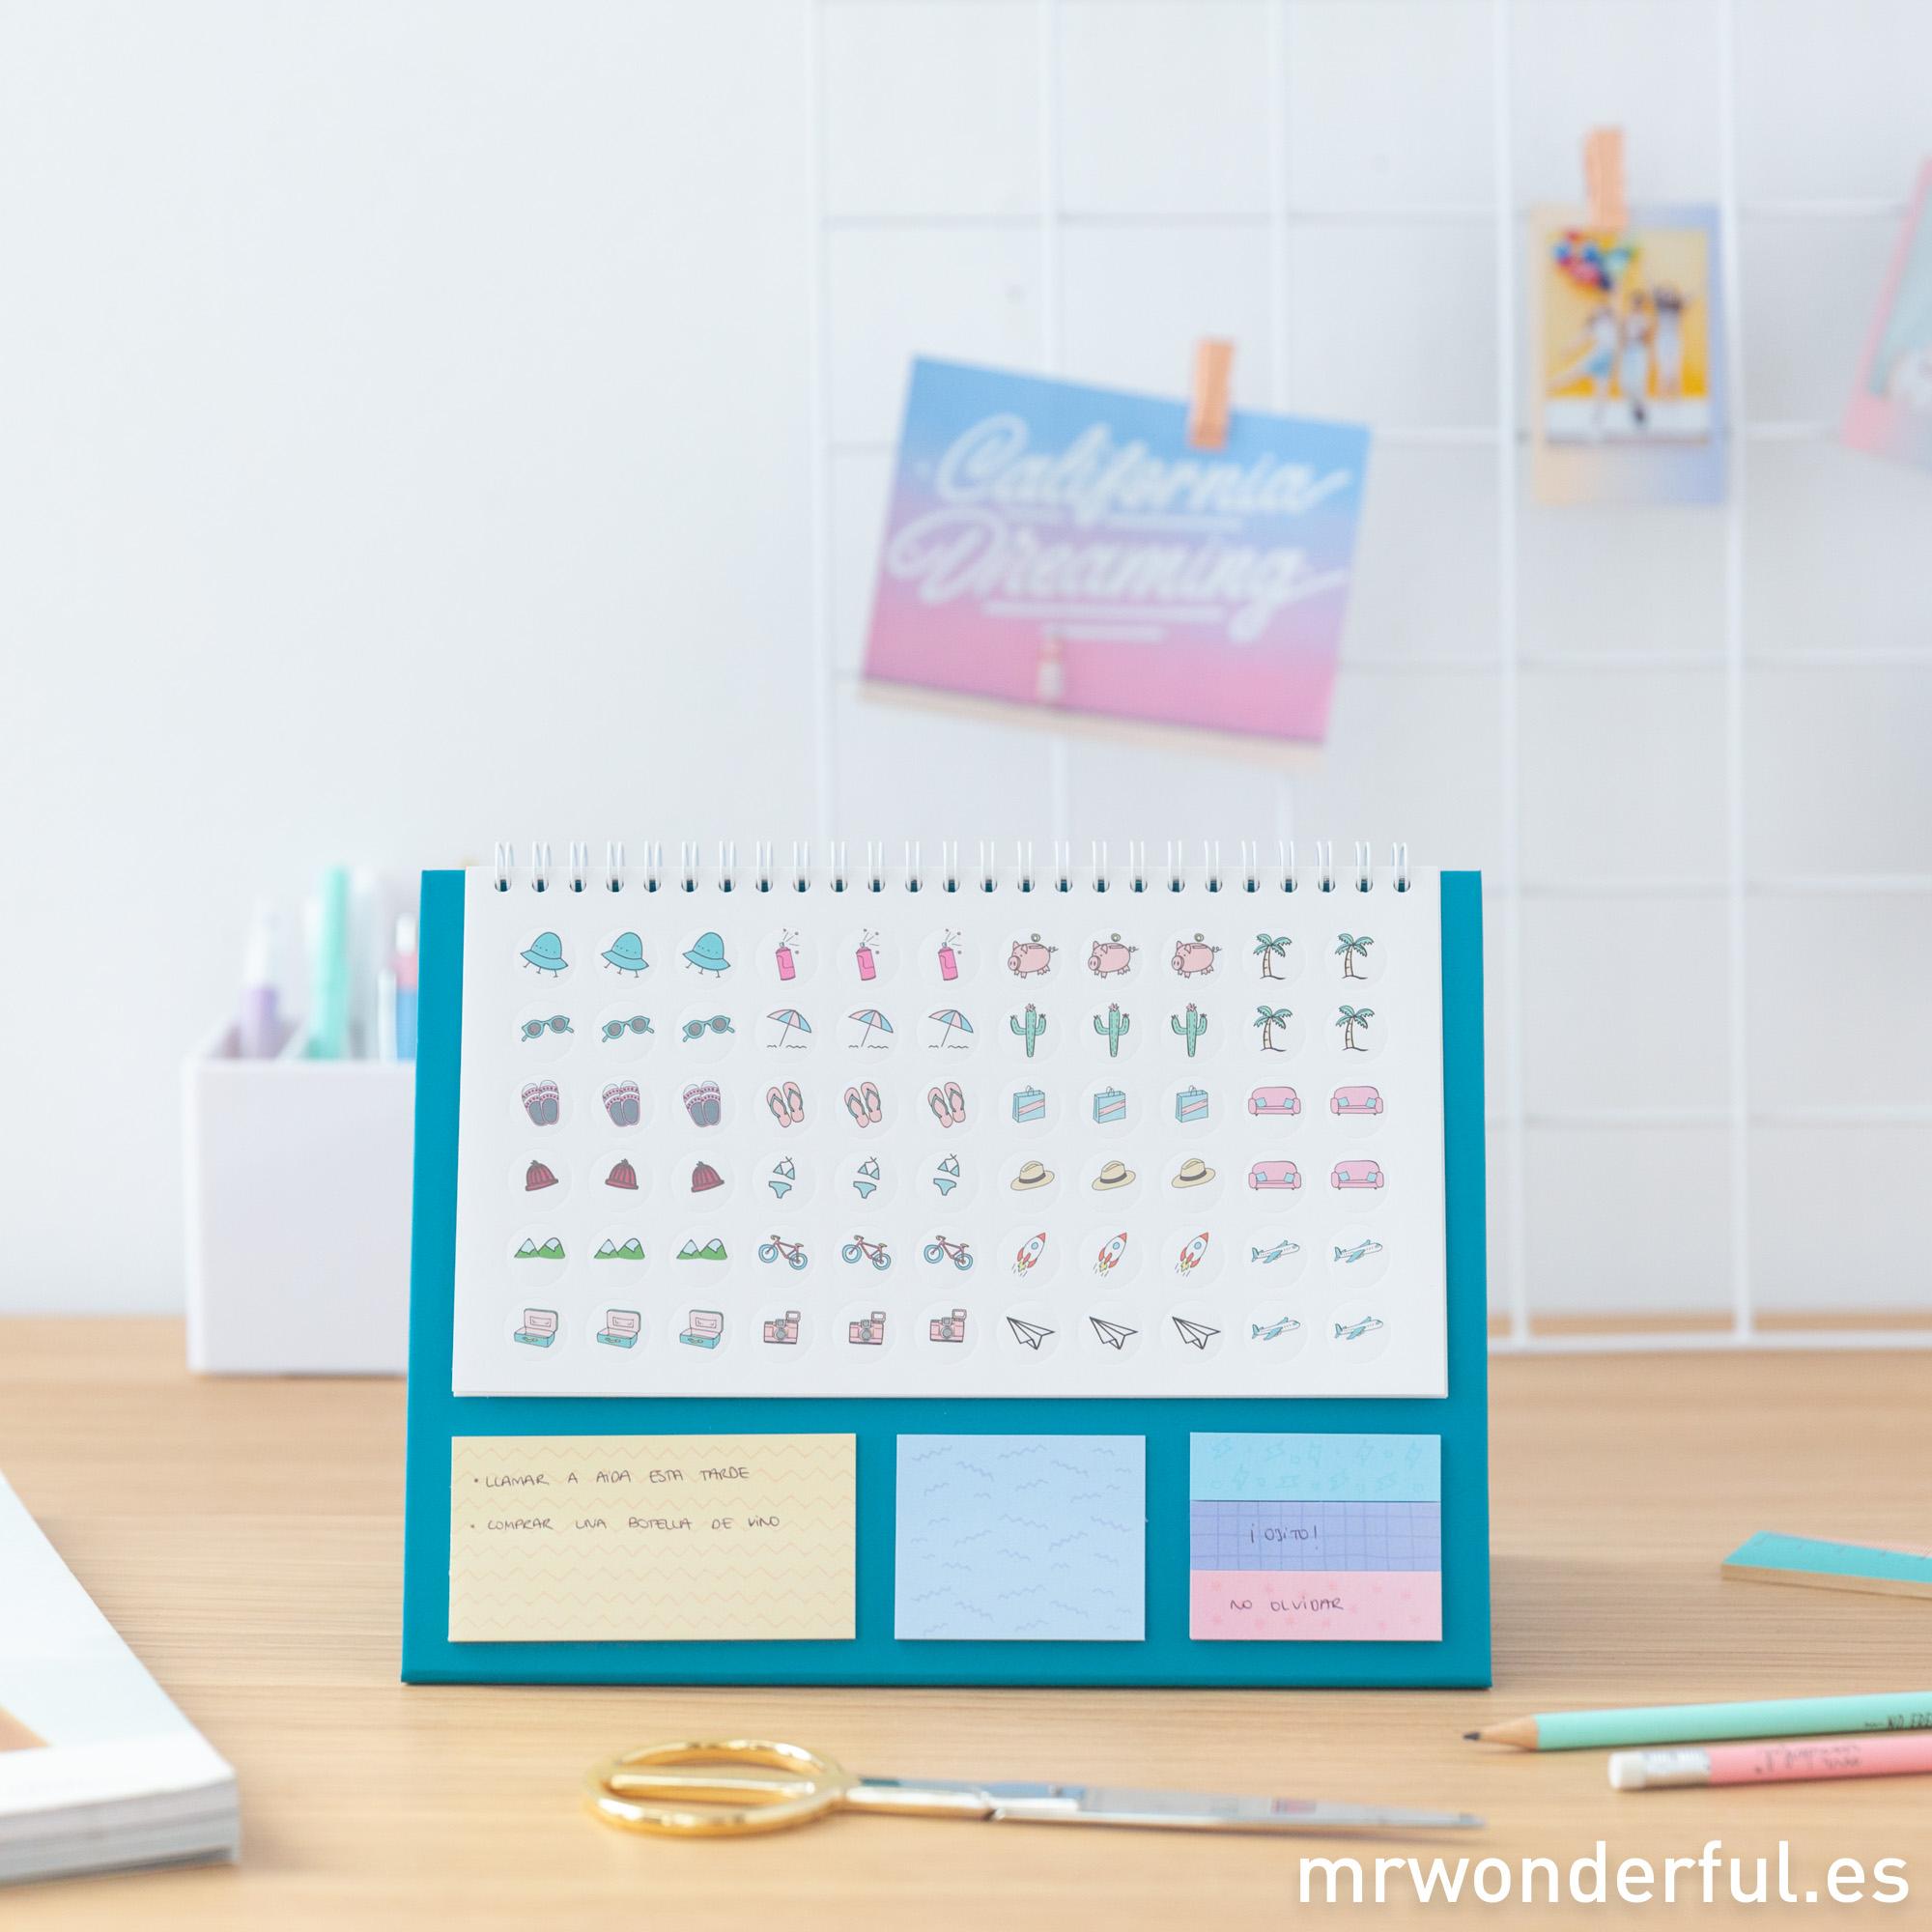 Calendario Mr Wonderful 2019 Para Imprimir.Escoge Tu Calendario 2019 Mr Wonderful Tenemos El Que Mas